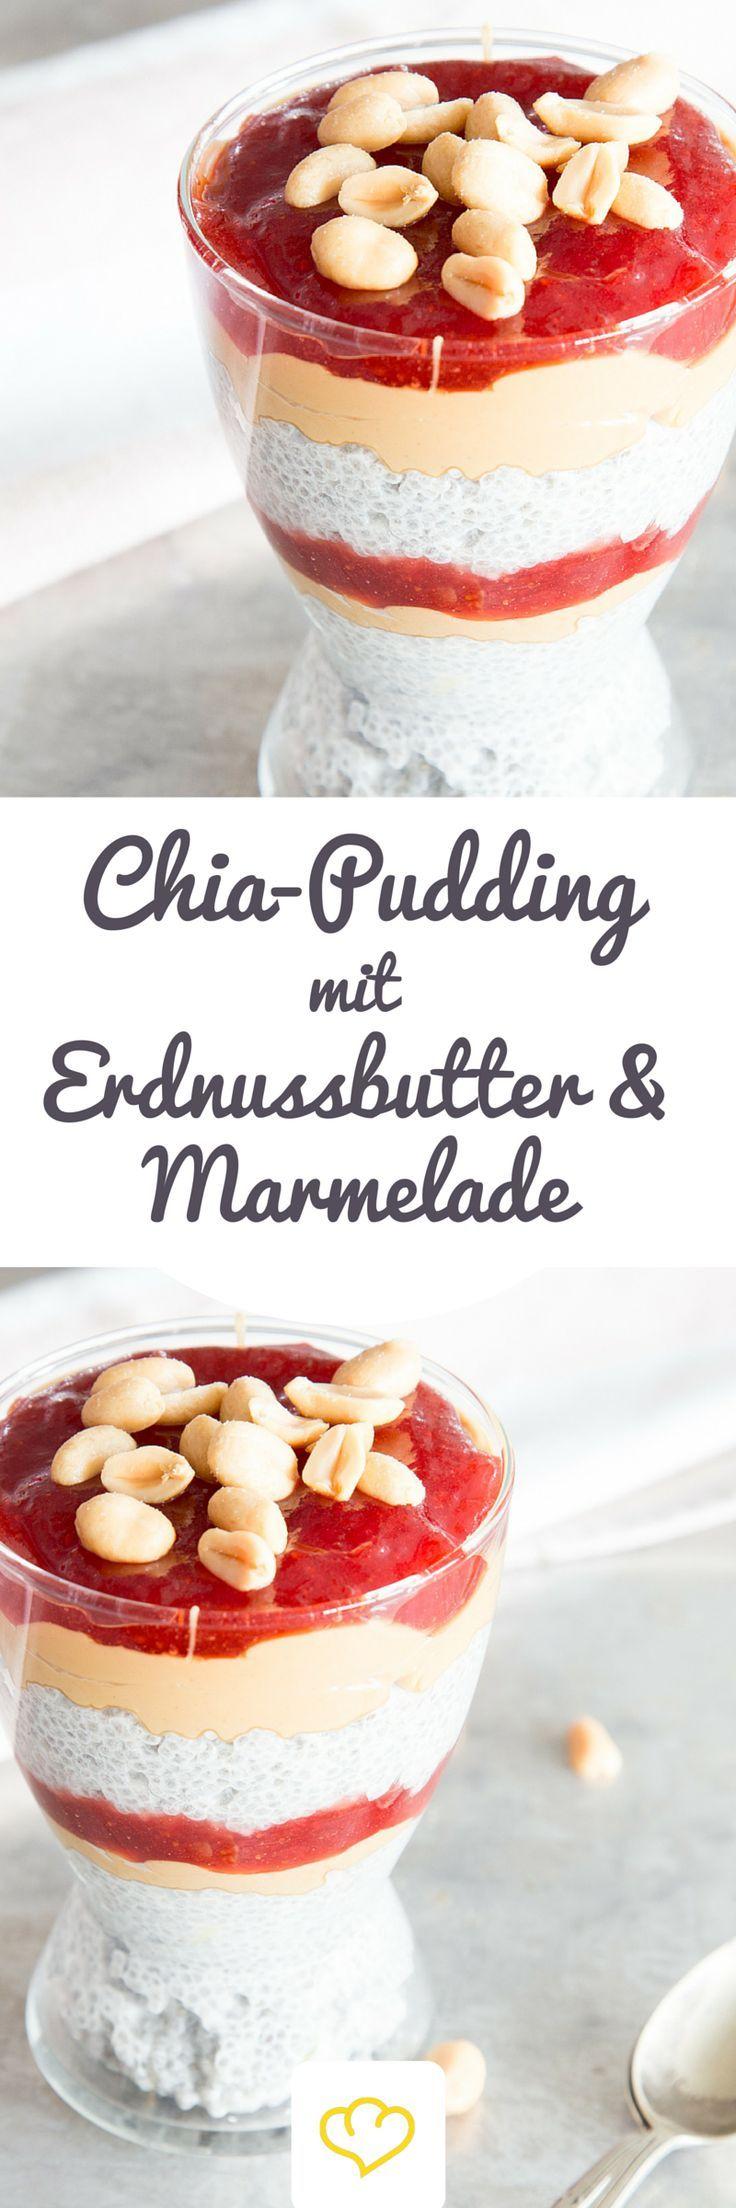 Chia-Pudding mit Erdnussbutter und Marmelade Für dich gehören Marmelade und Erdnussbutter zum Frühstück dazu? Dann verstreich sie doch mal auf gesundem Chia-Pudding. Das Beste: Dein Frühstück ist in 5 Minuten fertig, denn die Powerkörner quellen über Nacht. Lust auf noch mehr schnell gemachte Frühstücksvarianten? Dann sind Overnight Oats perfekt für dich.